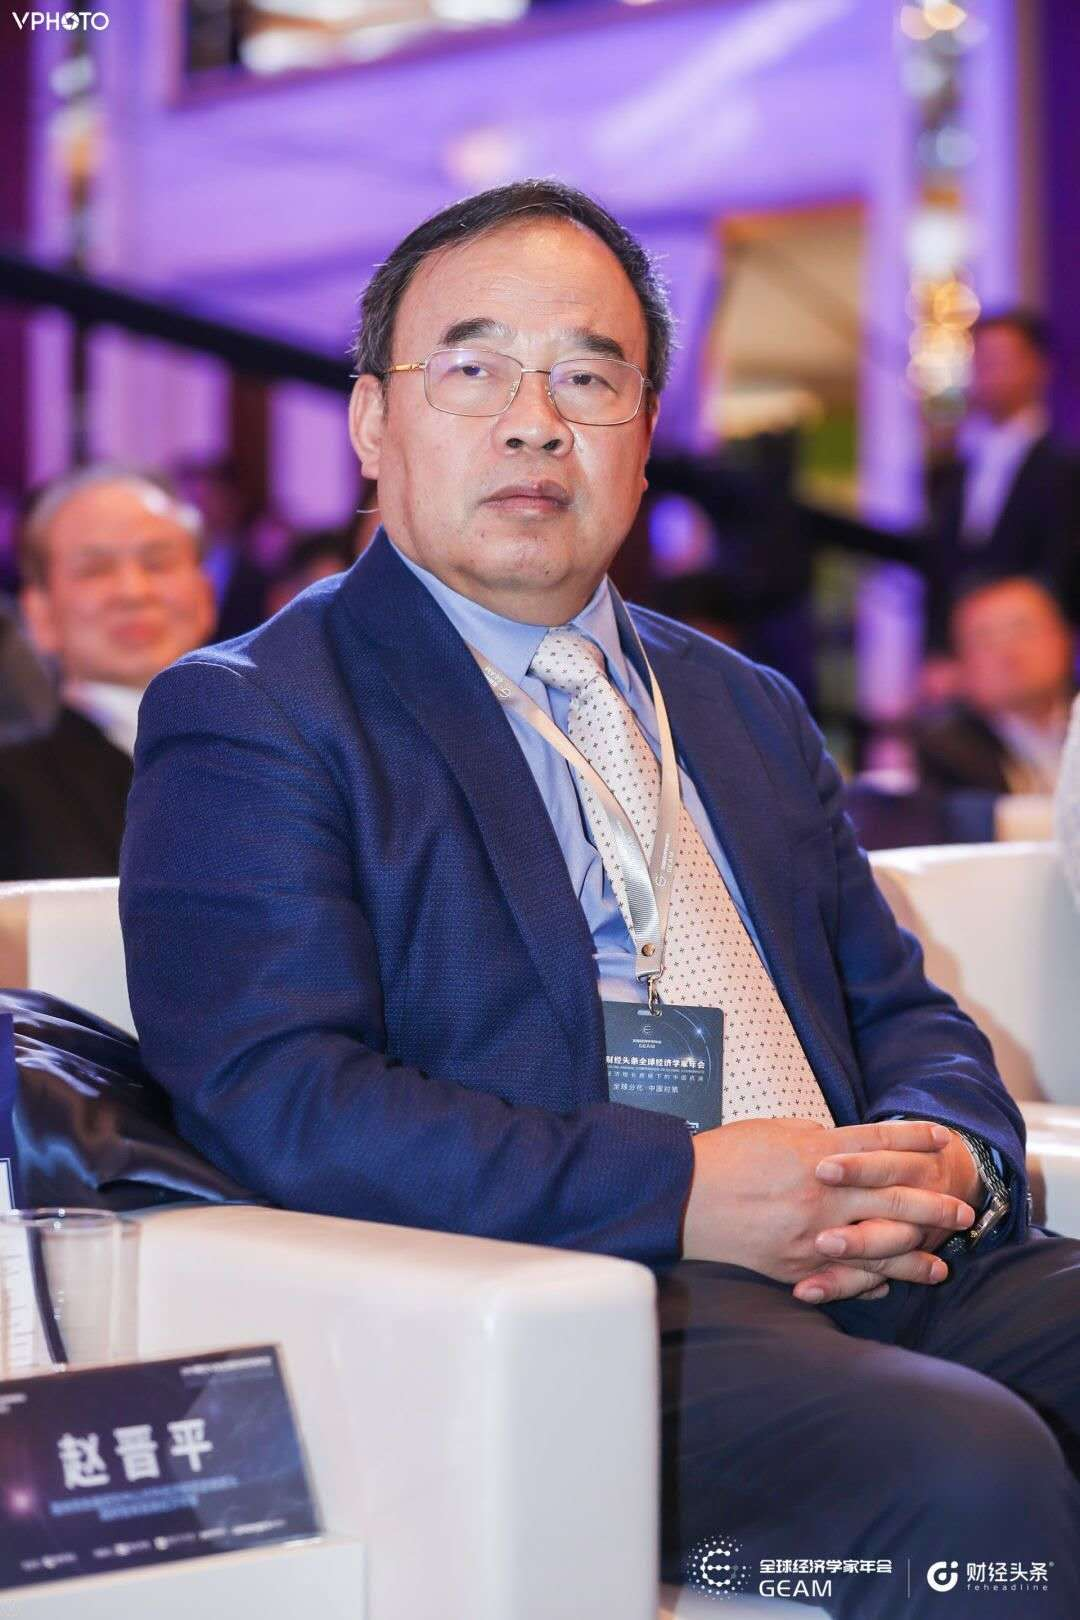 增加至21个!赵晋平:未来自贸区会继续扩容 成双循环重要平台图片